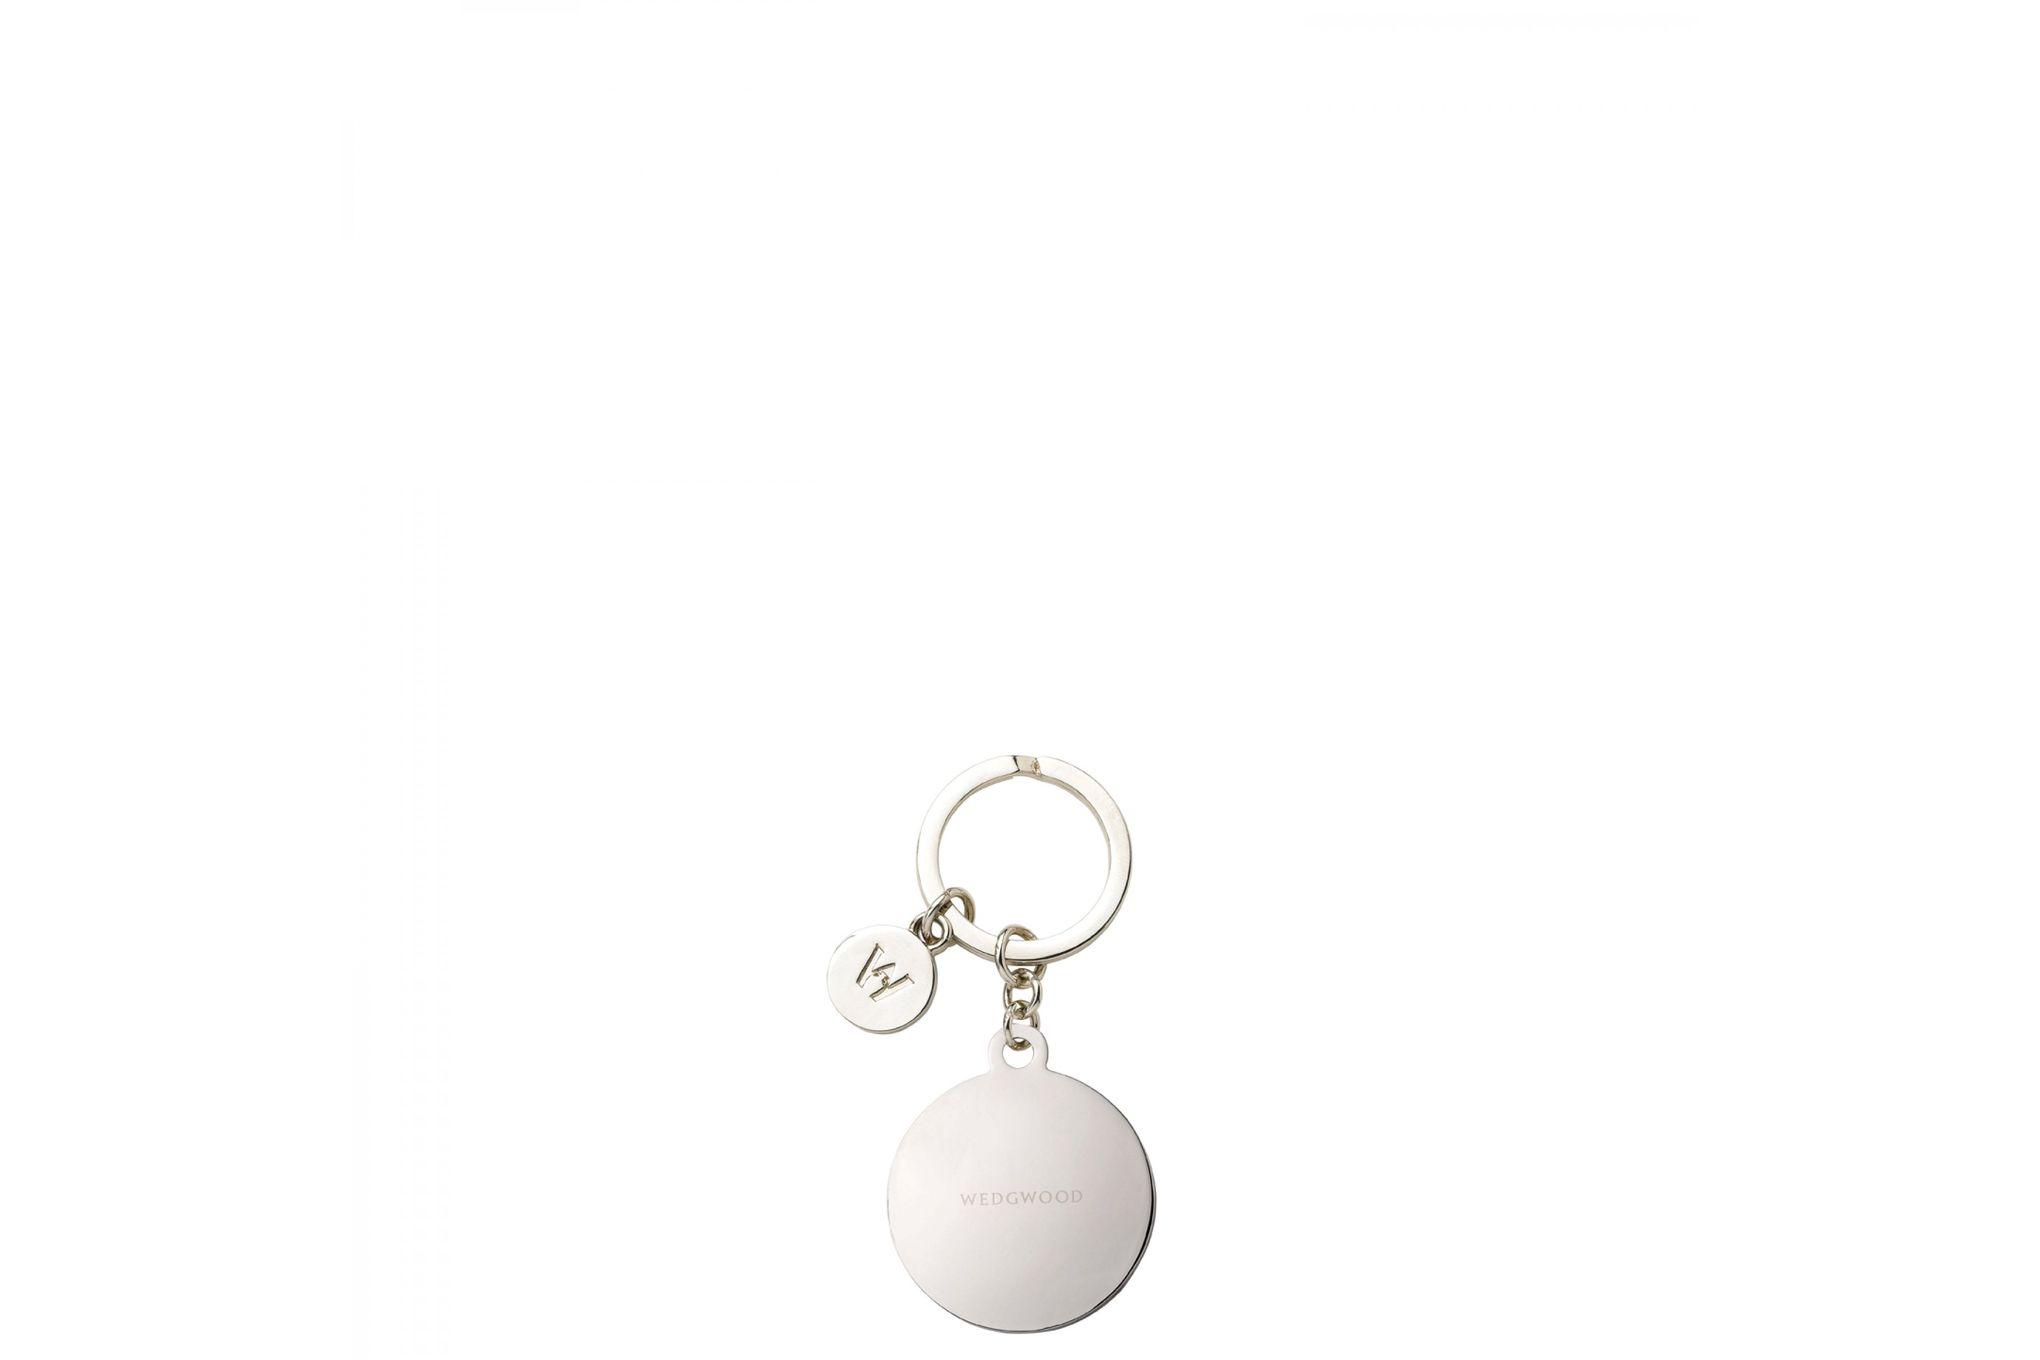 Wedgwood Wonderlust Keyring Oriental Jewel - Boxed thumb 2